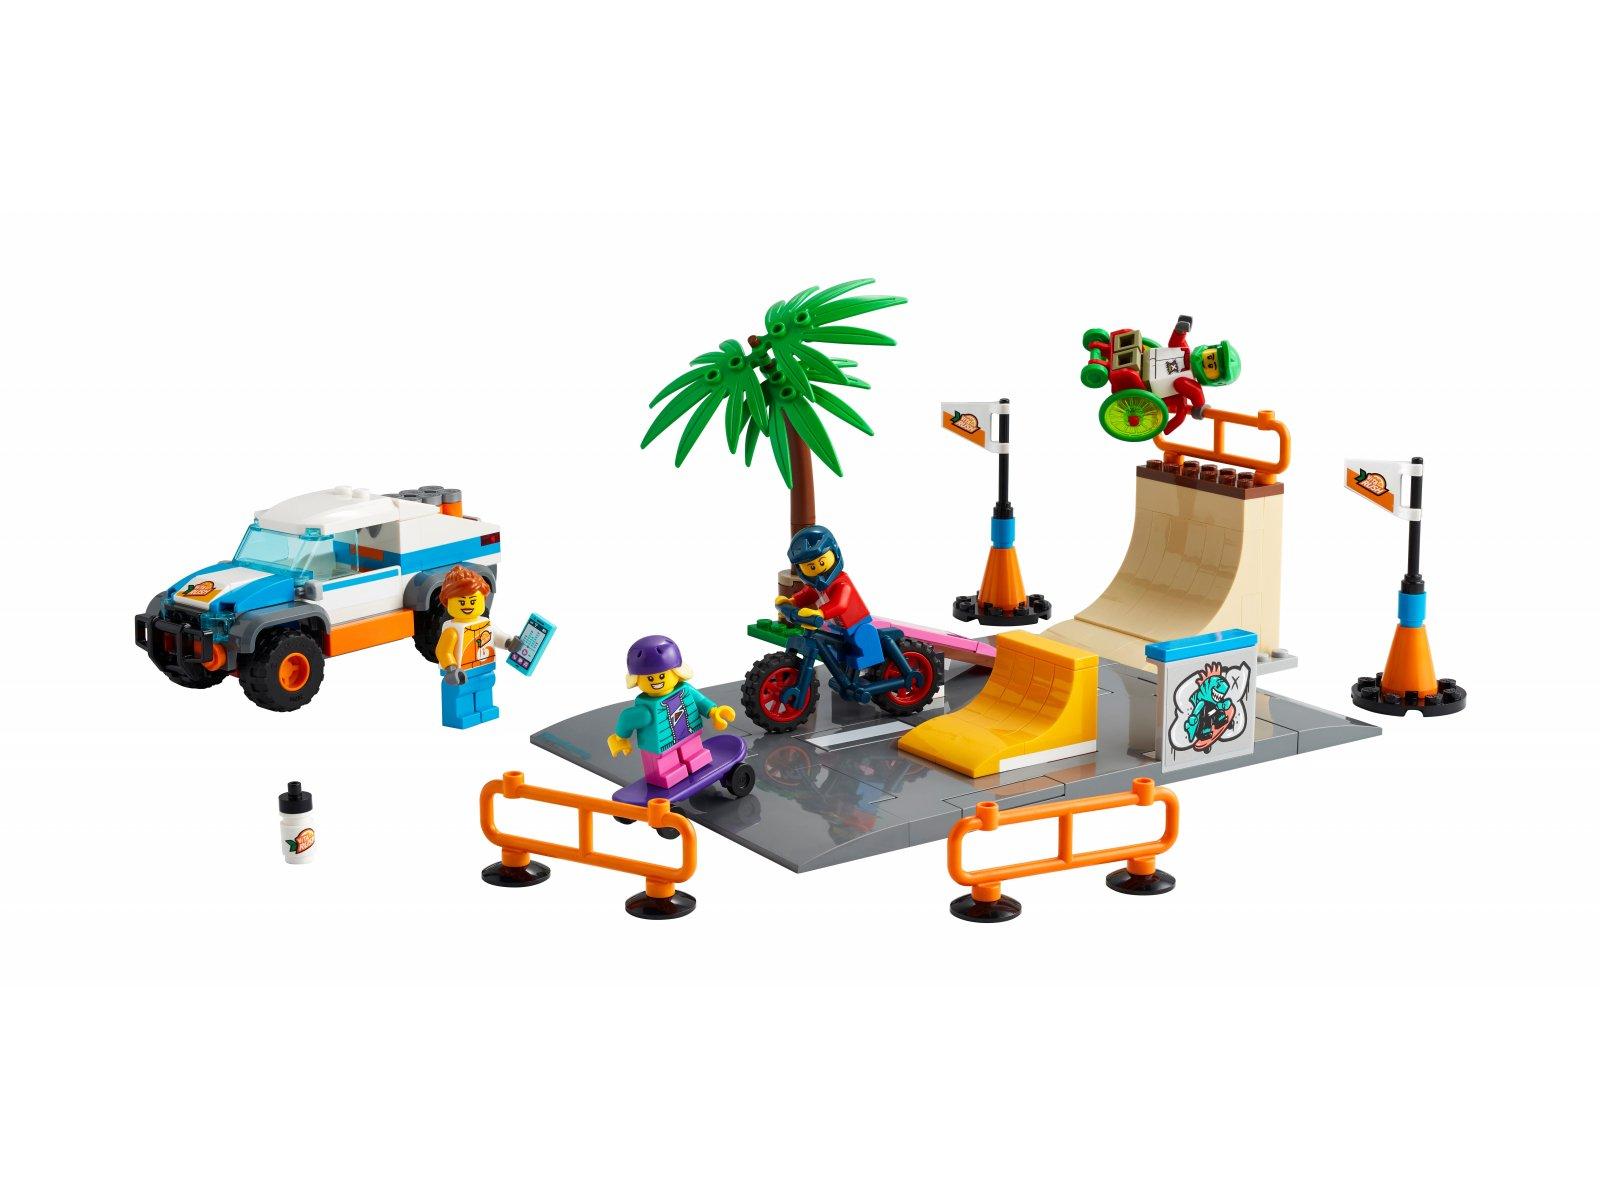 LEGO 60290 Skatepark